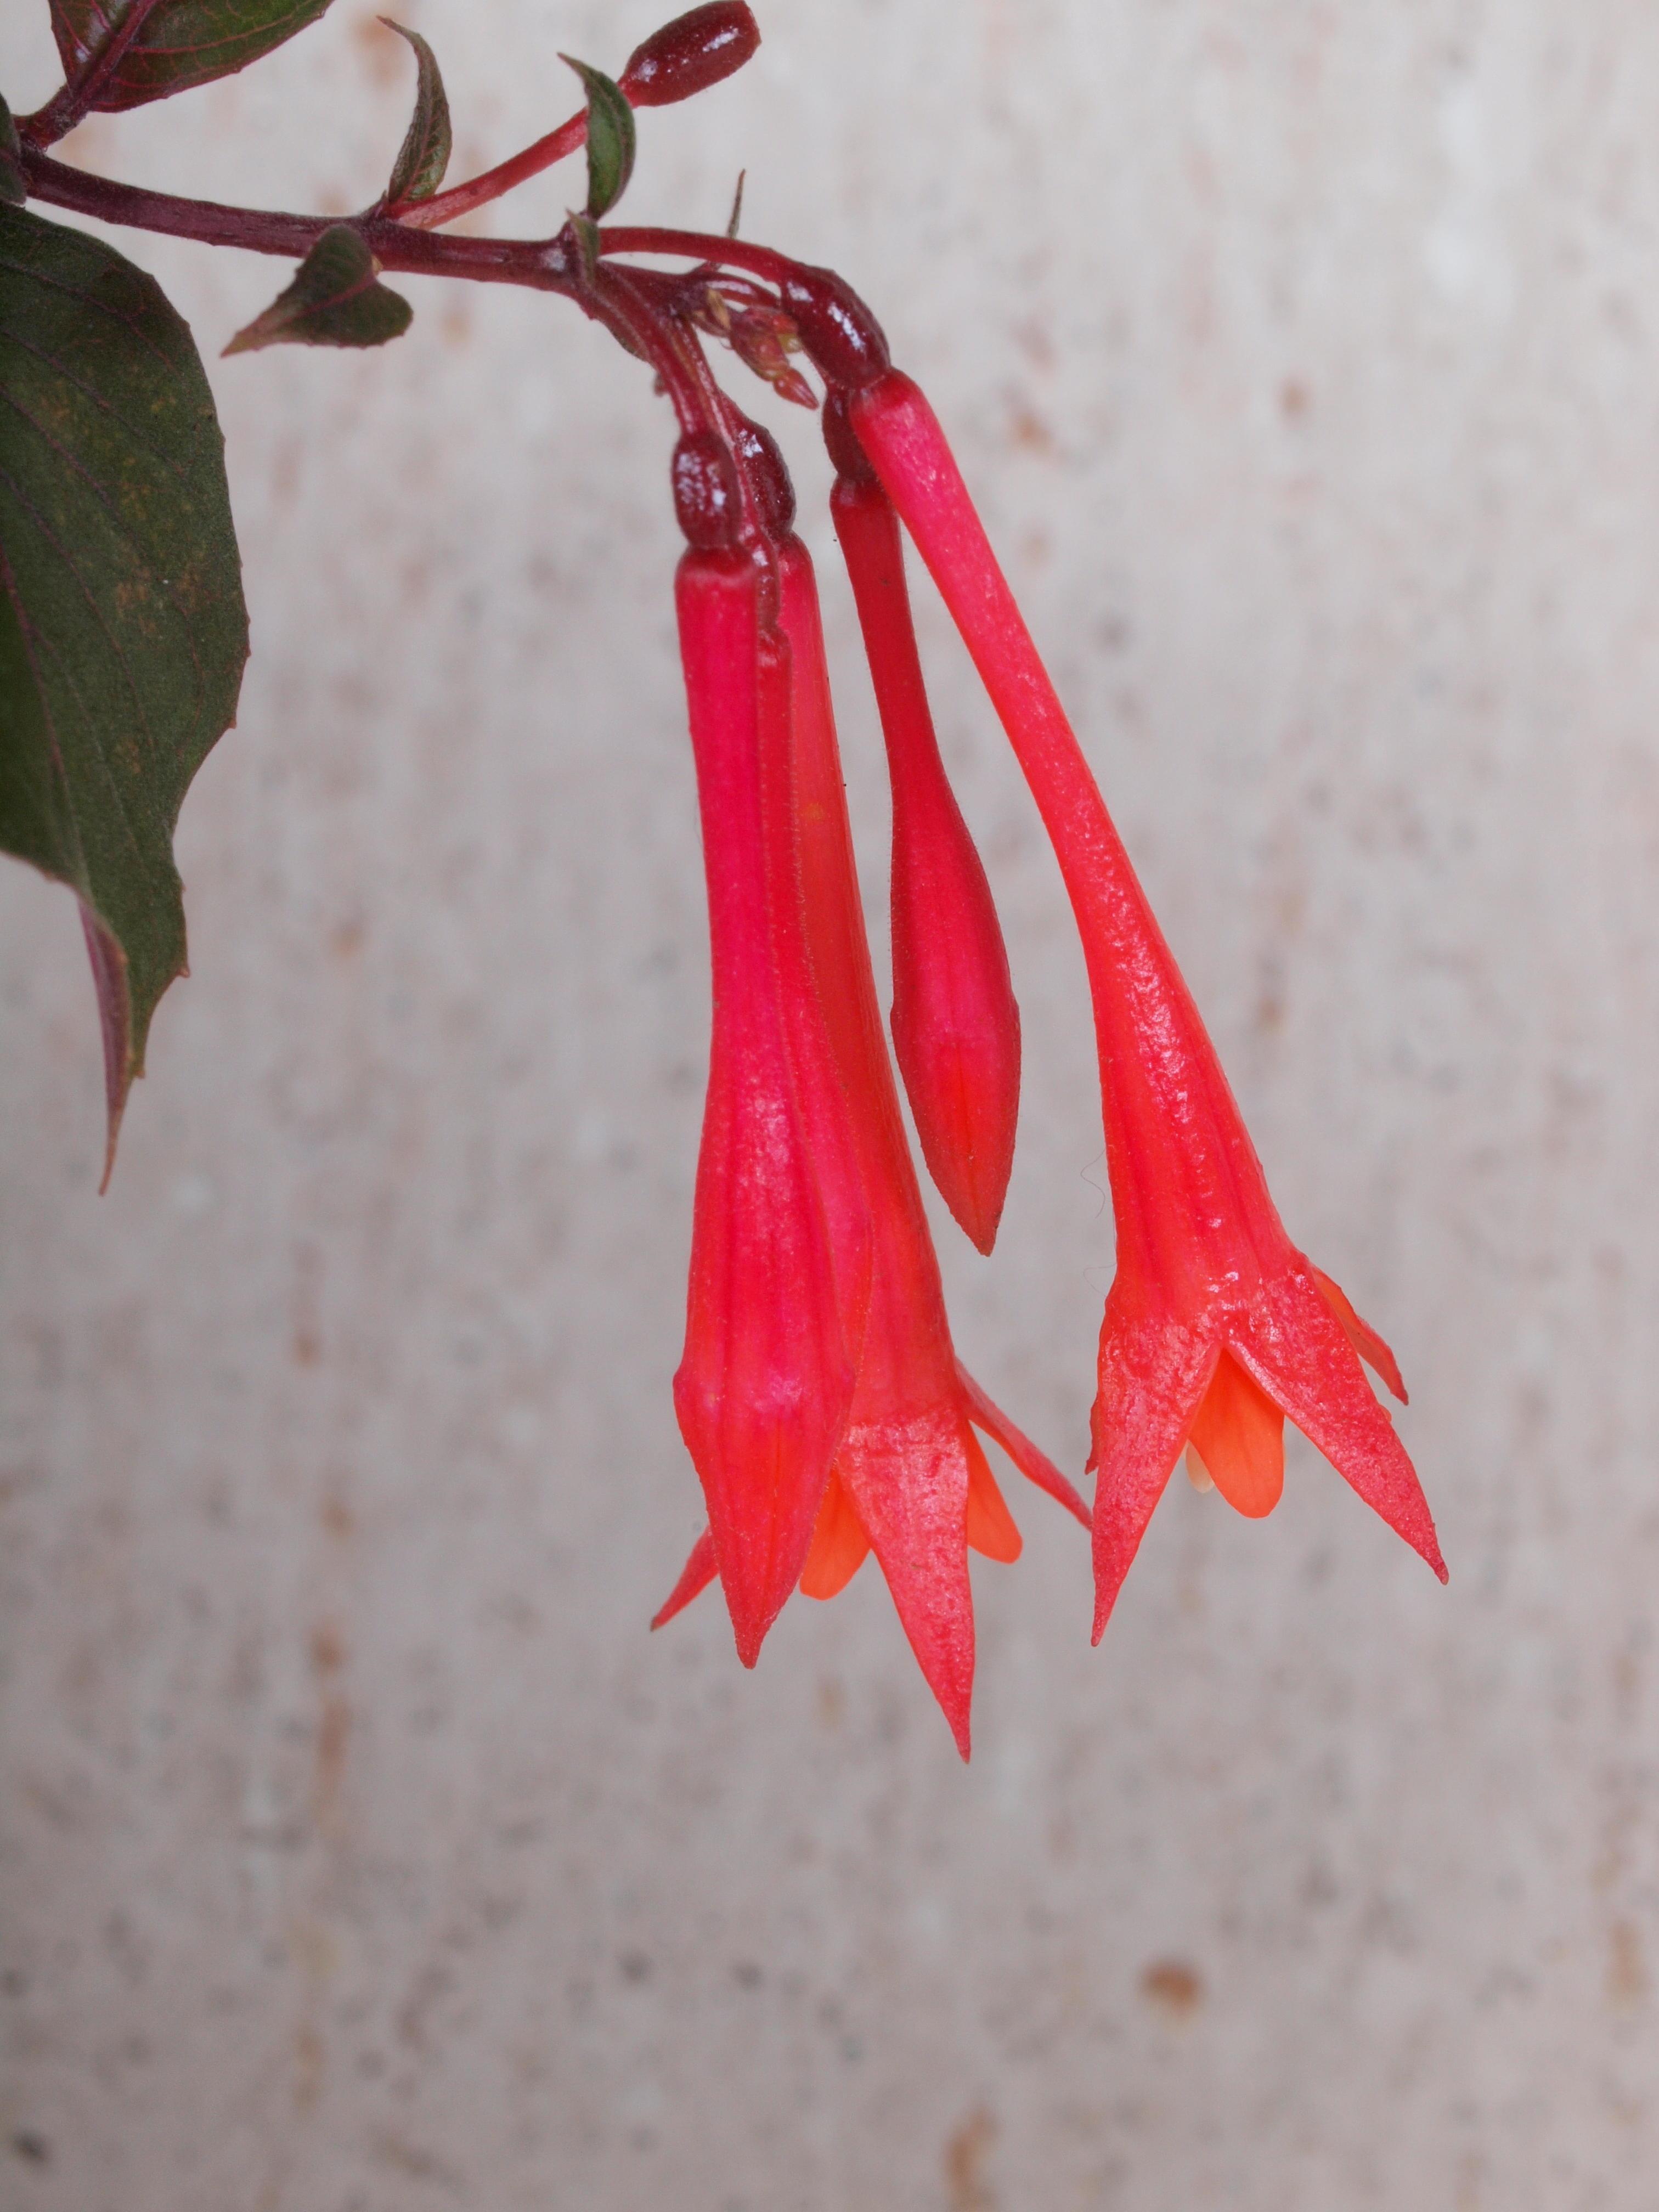 Fuchsia-triphylla-3.jpeg